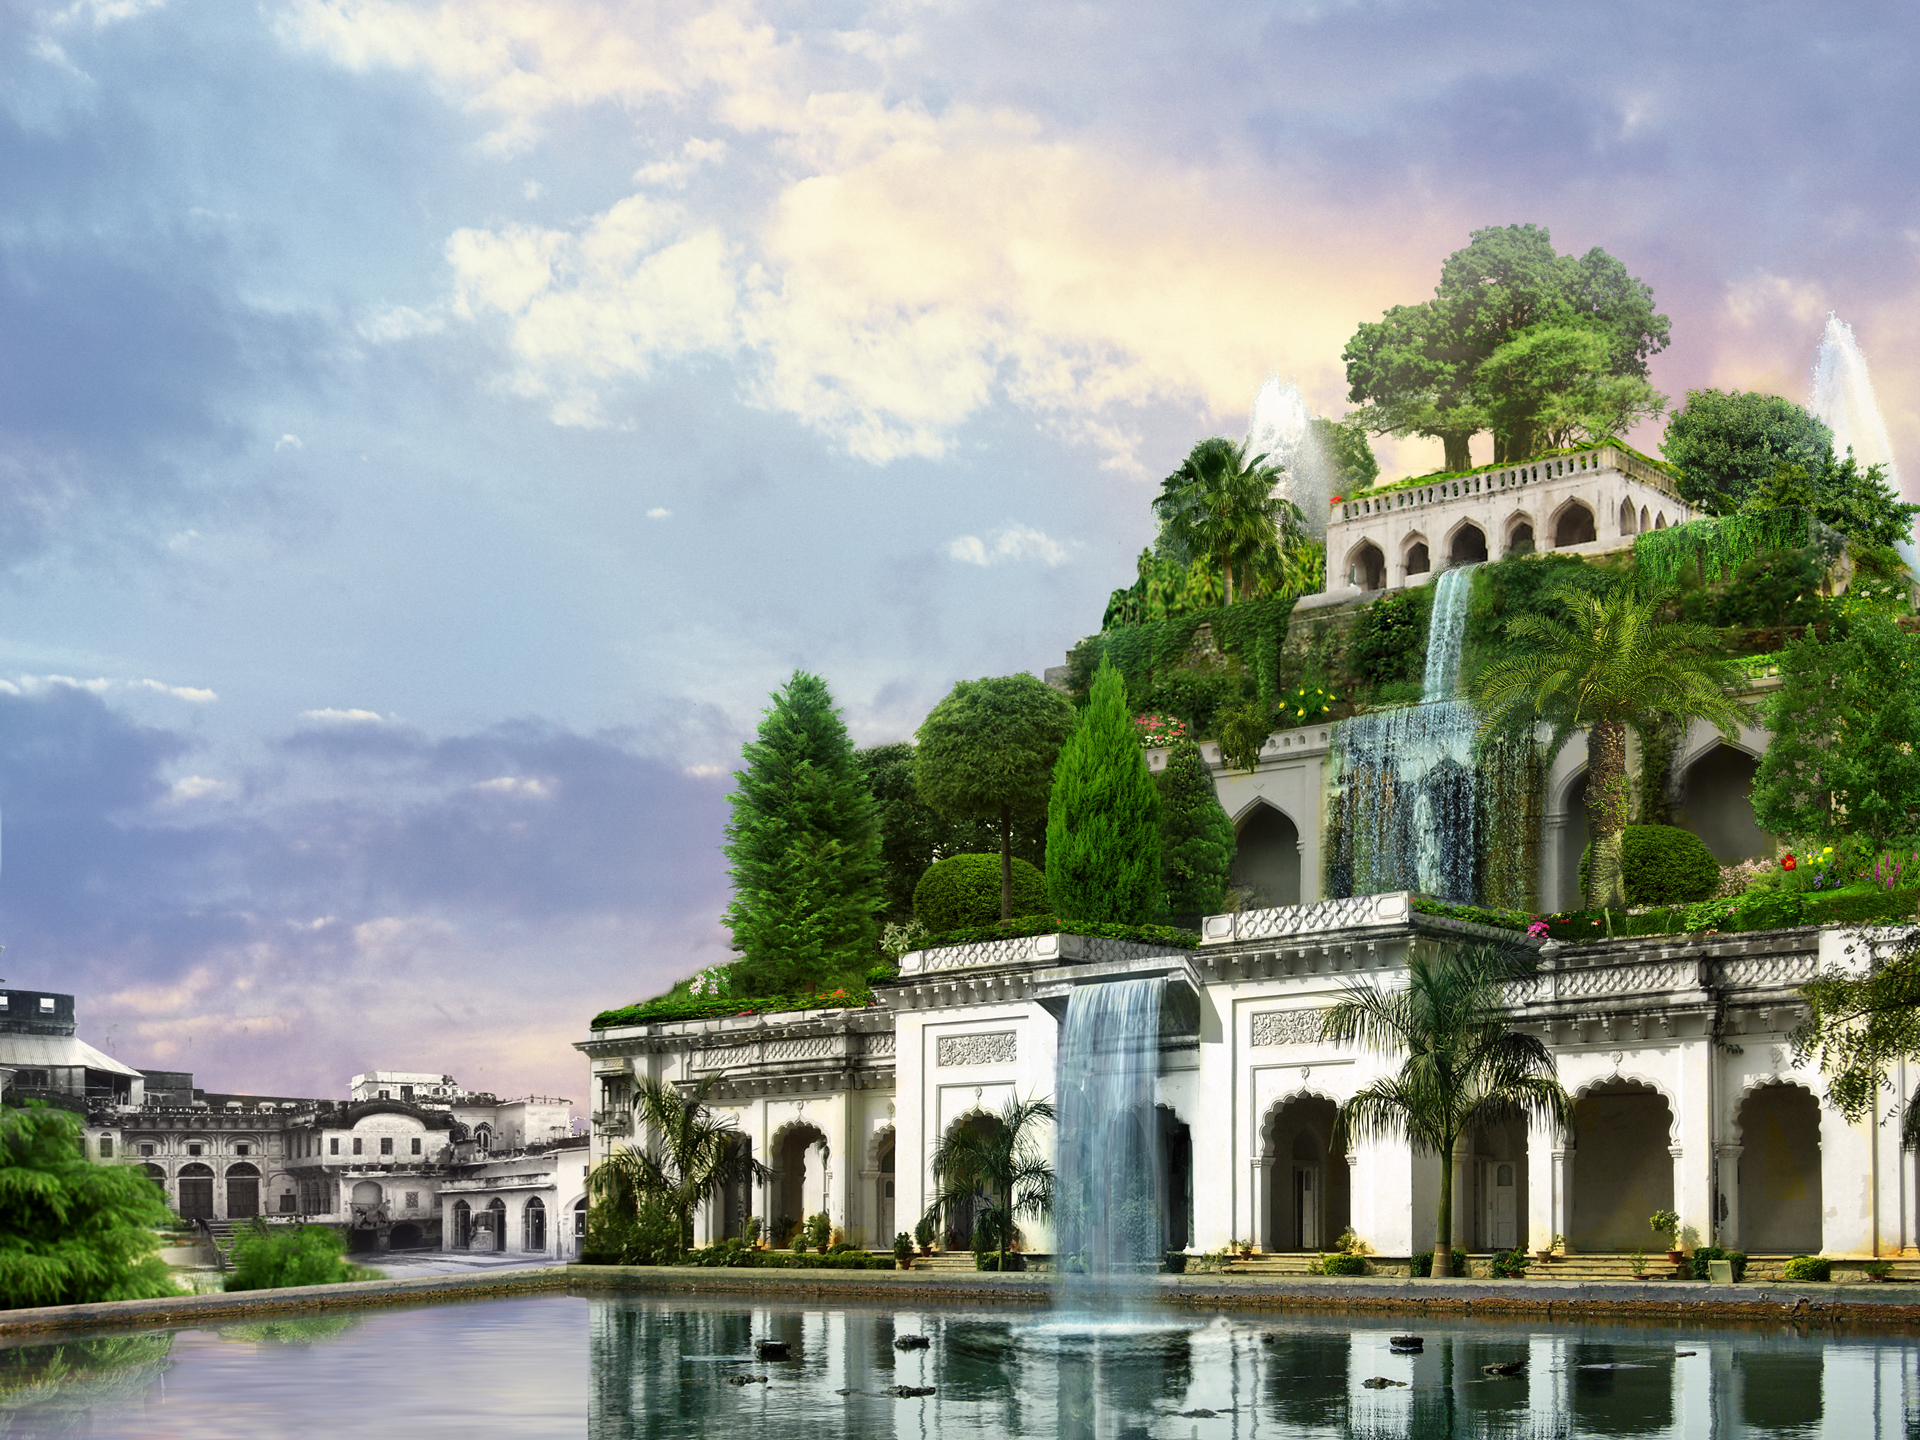 была семь чудес света картинки сады семирамиды личности выбирают эскиз